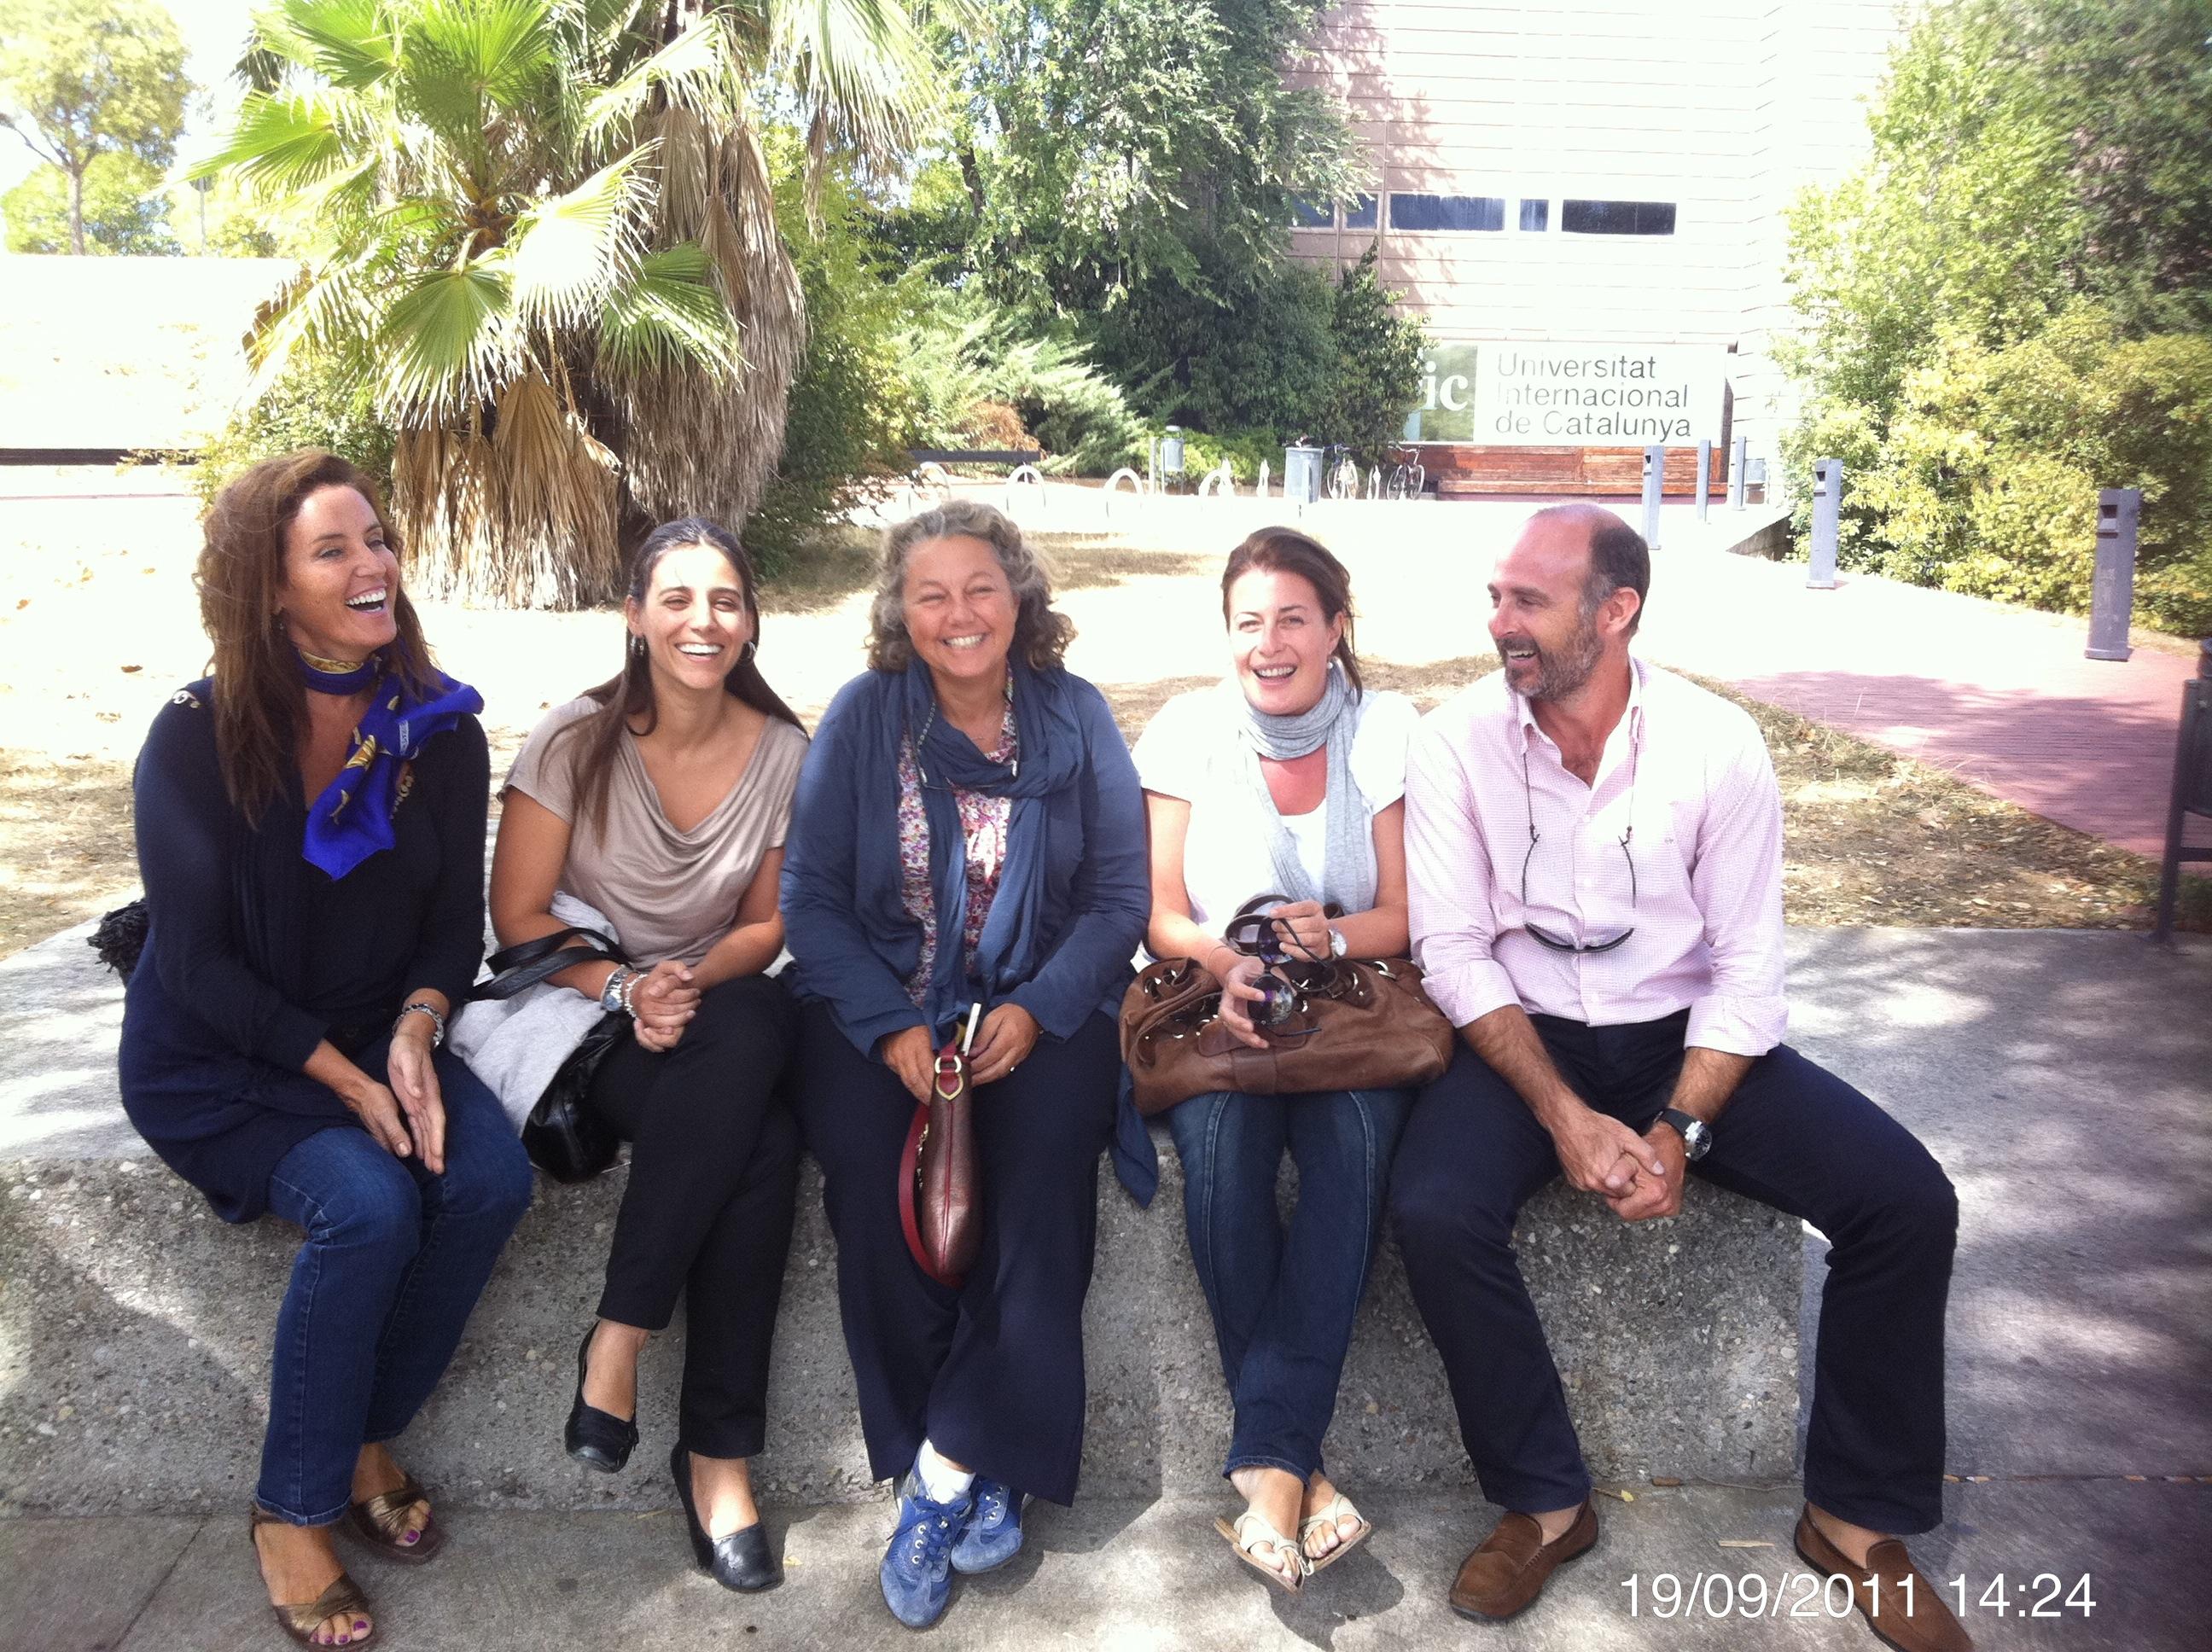 Dra. Emma Serra, Dra. Paula Ramírez, Dra. Ana Molina, Dra. Natalia Mateo y Dr. Leandro Fernández.